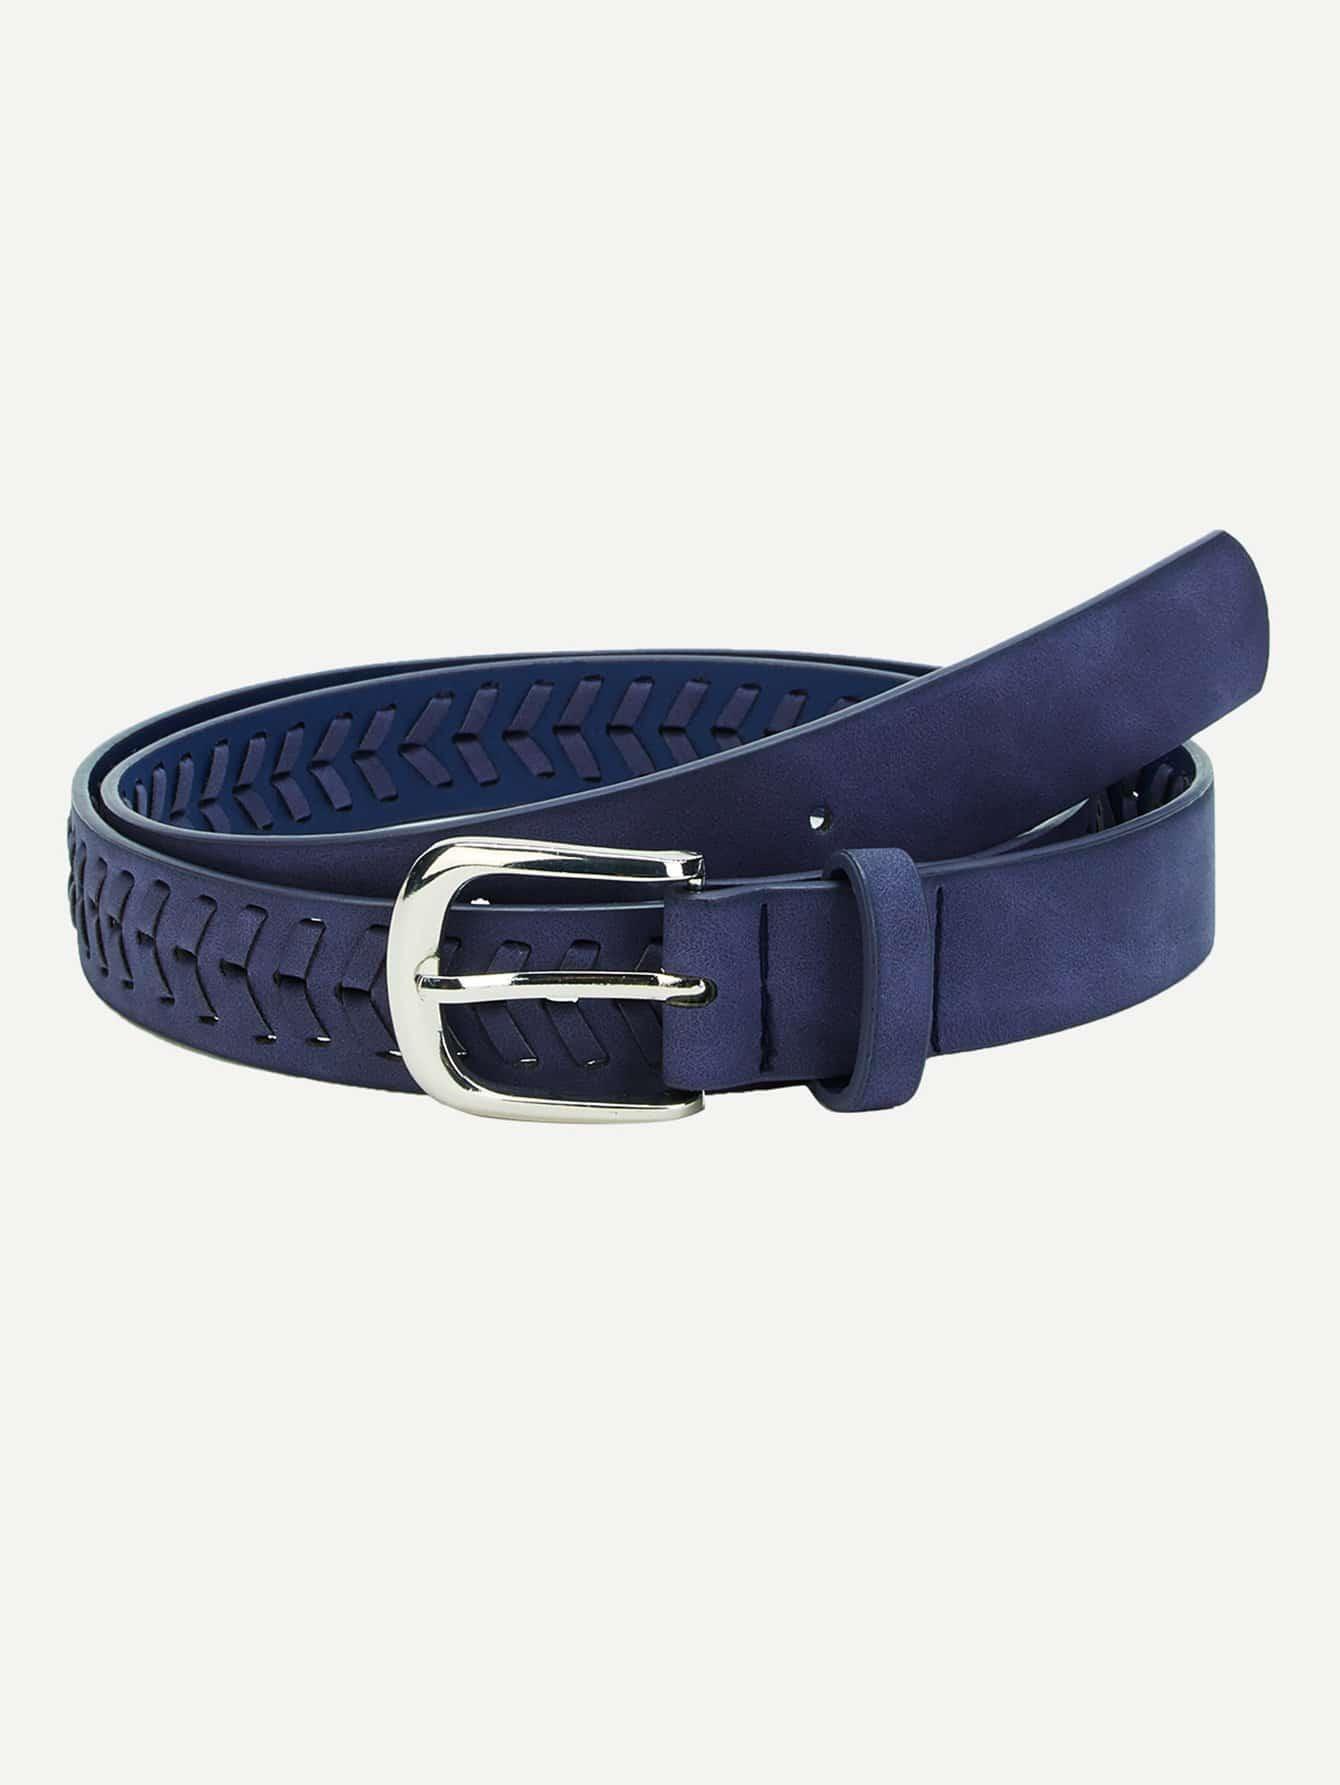 Metal Buckle Braided Belt belt cp v2 metal